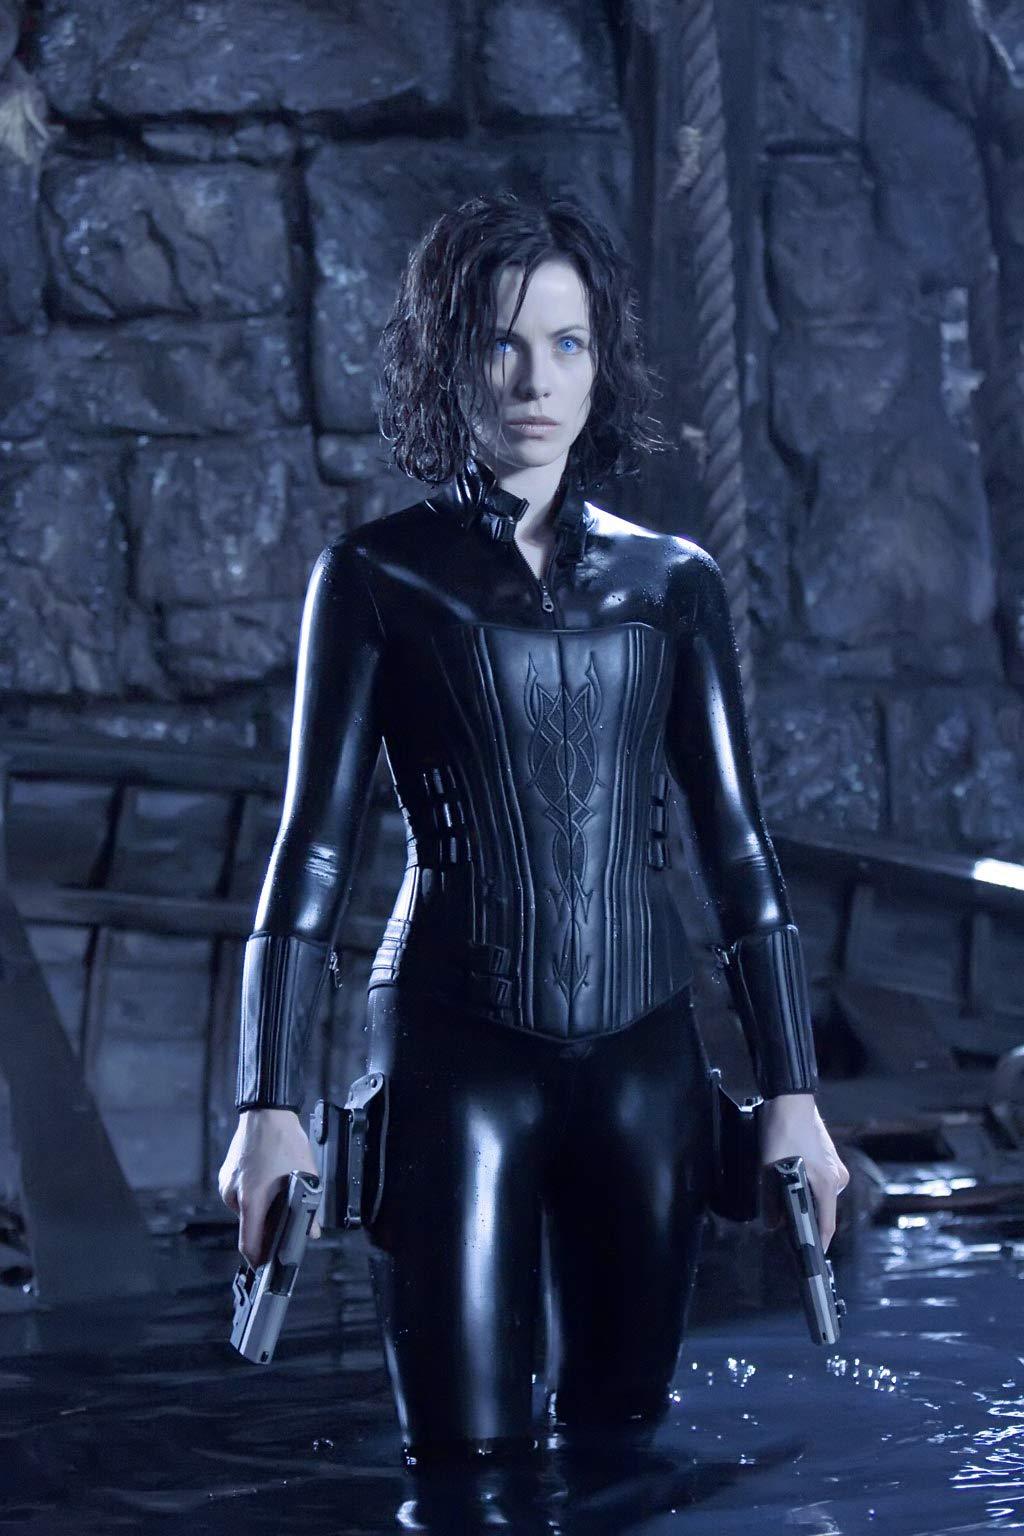 Selene The Vampire Death Dealer of the Underworld! It's ...